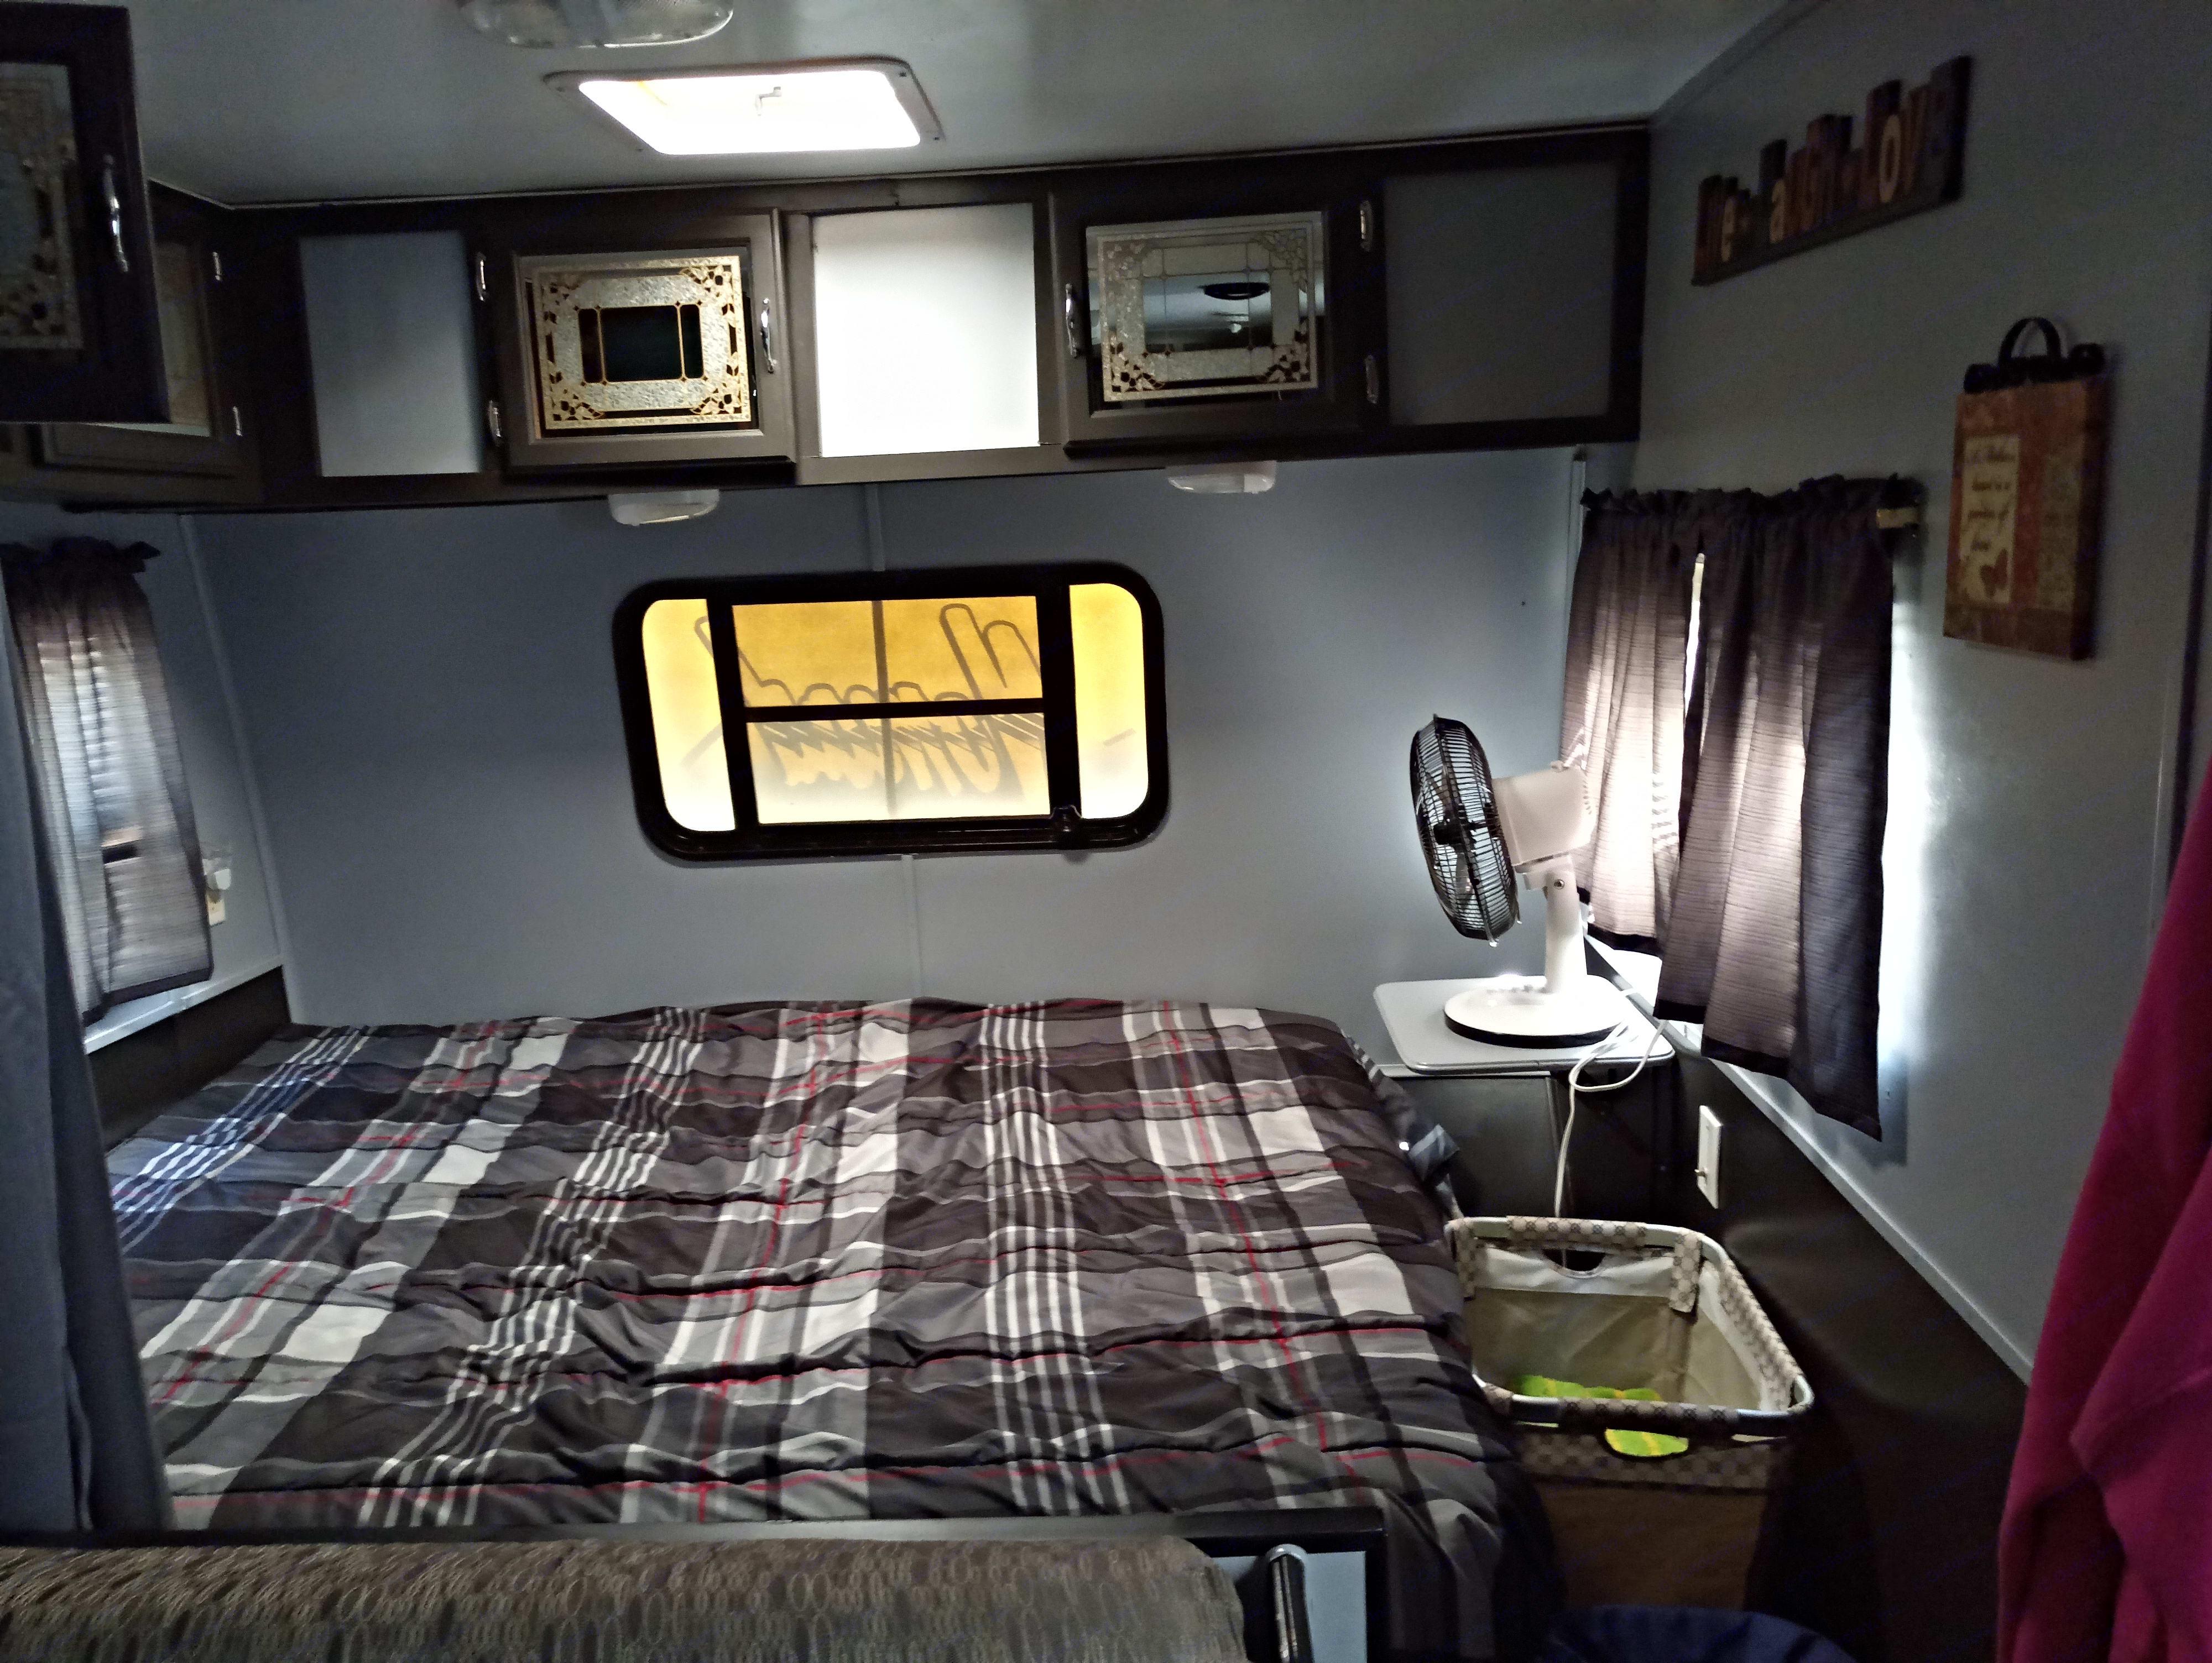 Bed sleeps 2. Skyline Nomad 1996